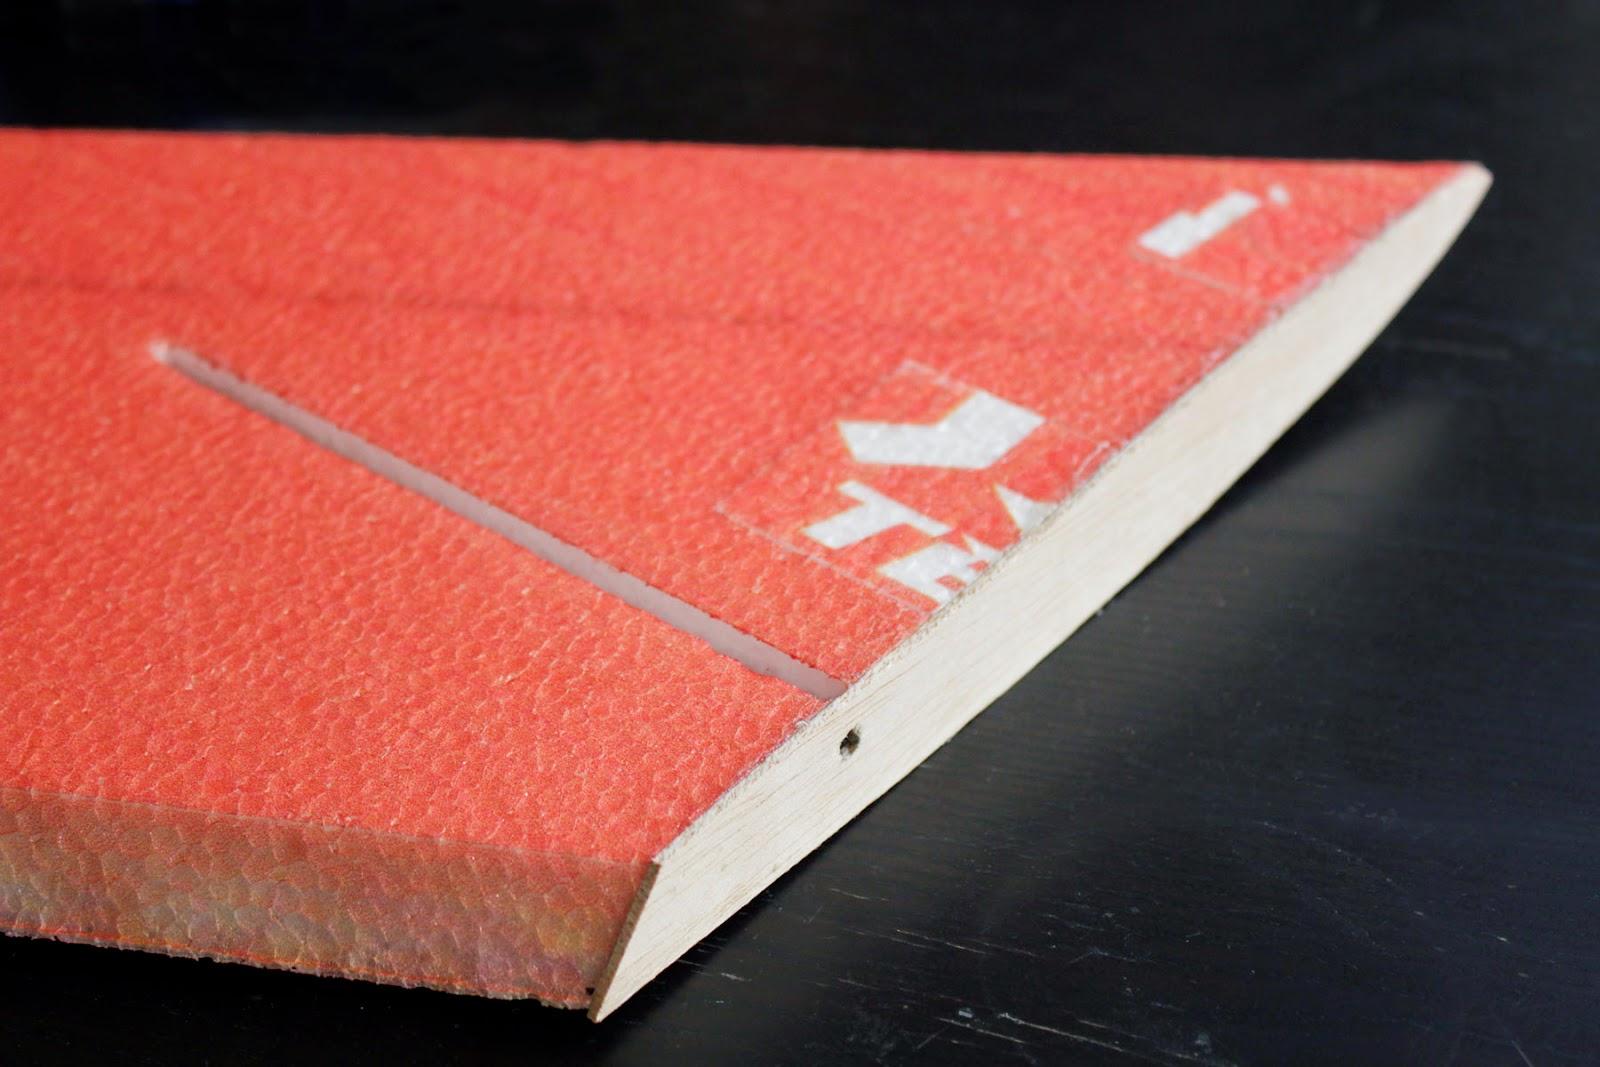 How to reinforce foam wings